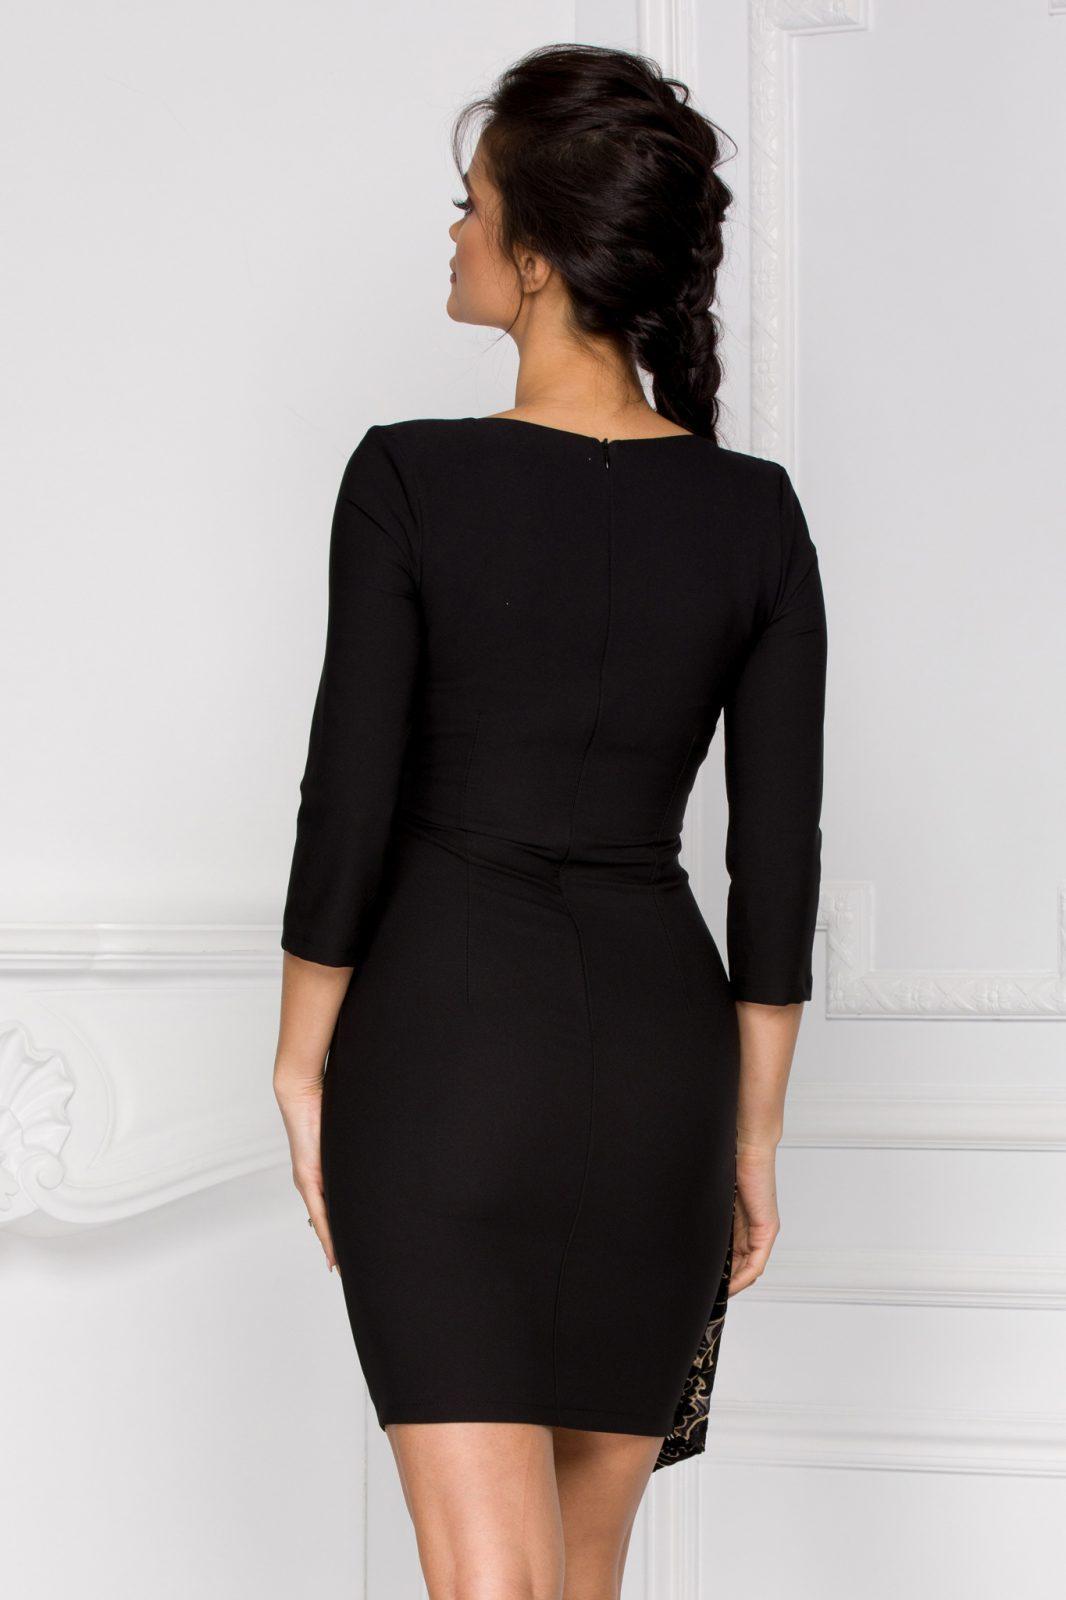 Iovanna Μαύρο Φόρεμα 5942